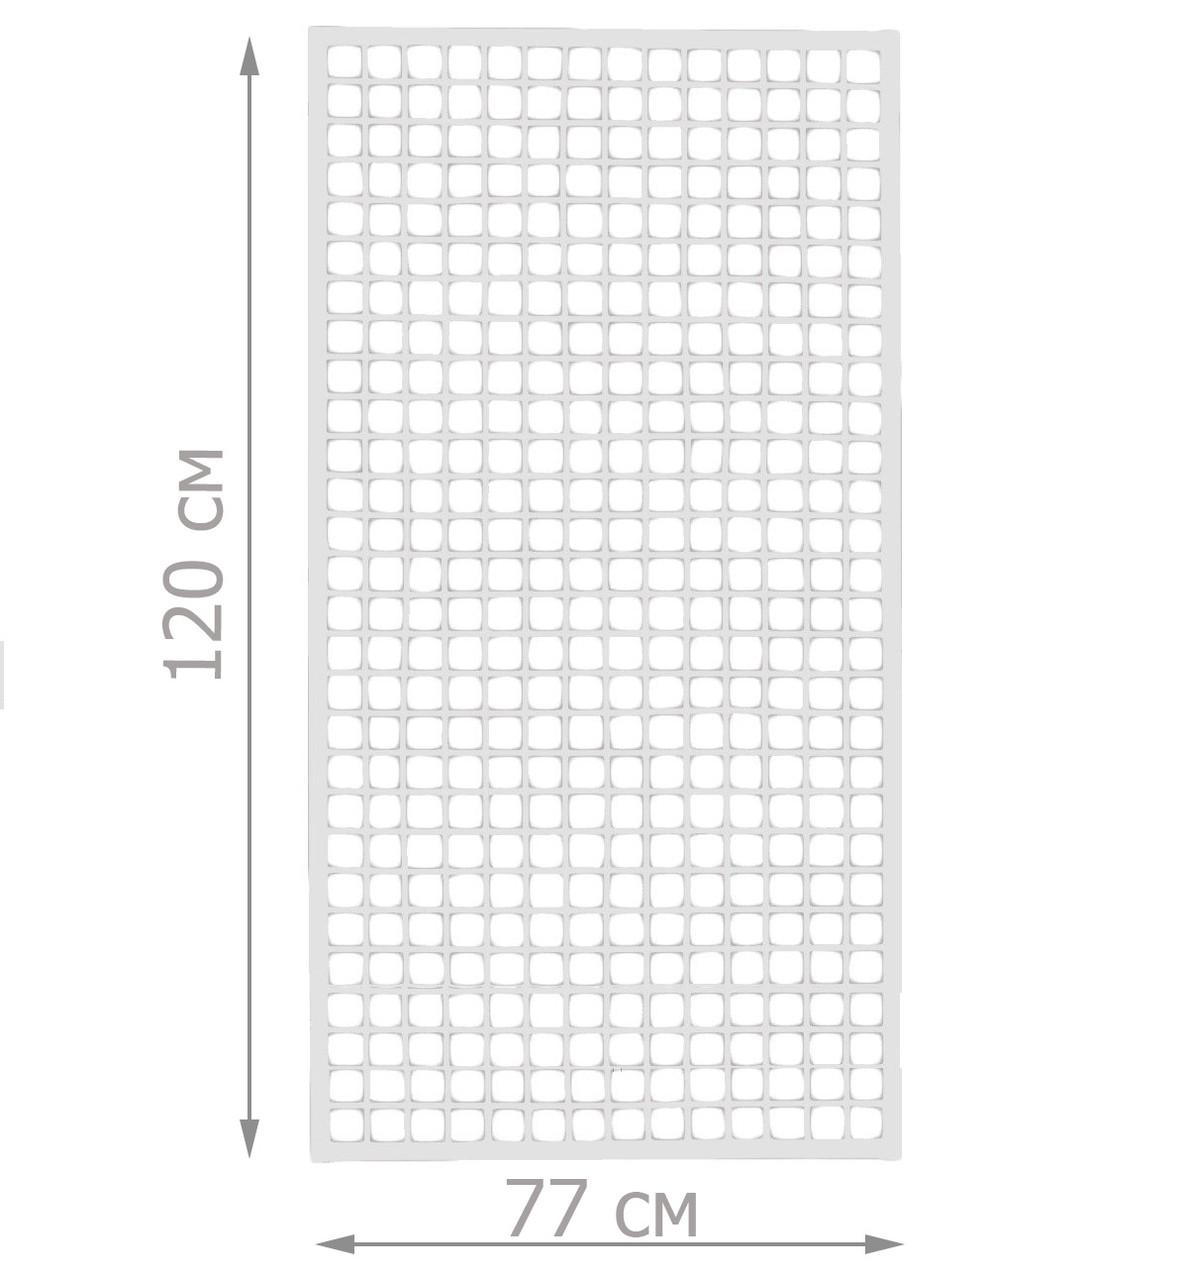 Торговая сетка стенд в рамке 77/120см профиль 20х20 мм (от производителя оптом и в розницу)